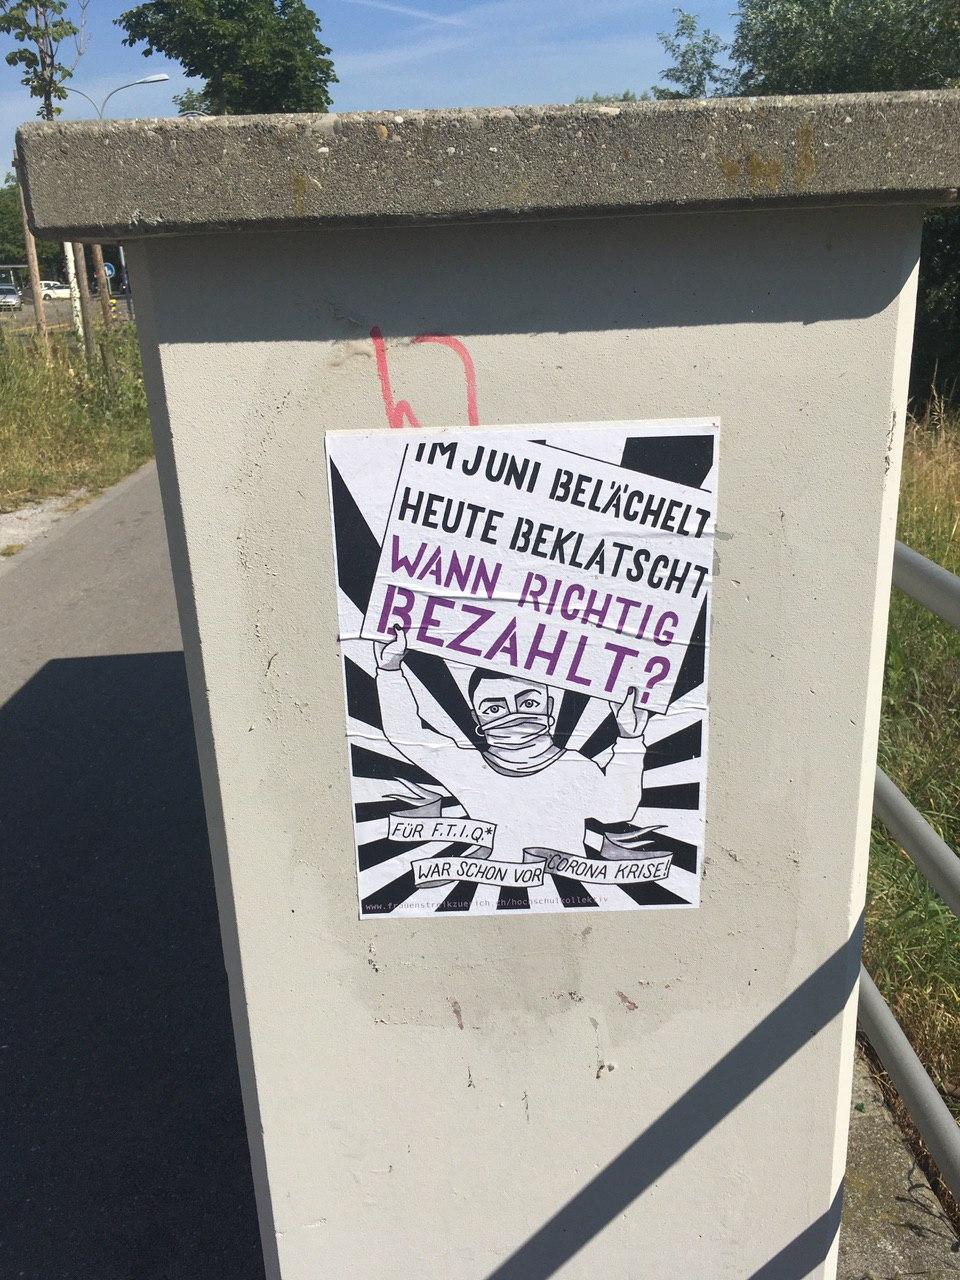 """Foto eines plakatieren Plakates auf dem eine gezeichnete Person ein Plakat in die Höhe hält auf dem steht """"im Juni bezahlt heute beklartscht, wann richtig bezahlt?"""" darunter ist ein Banner auf dem steht """"für FTIQ* war schon vor Corona Krise"""""""